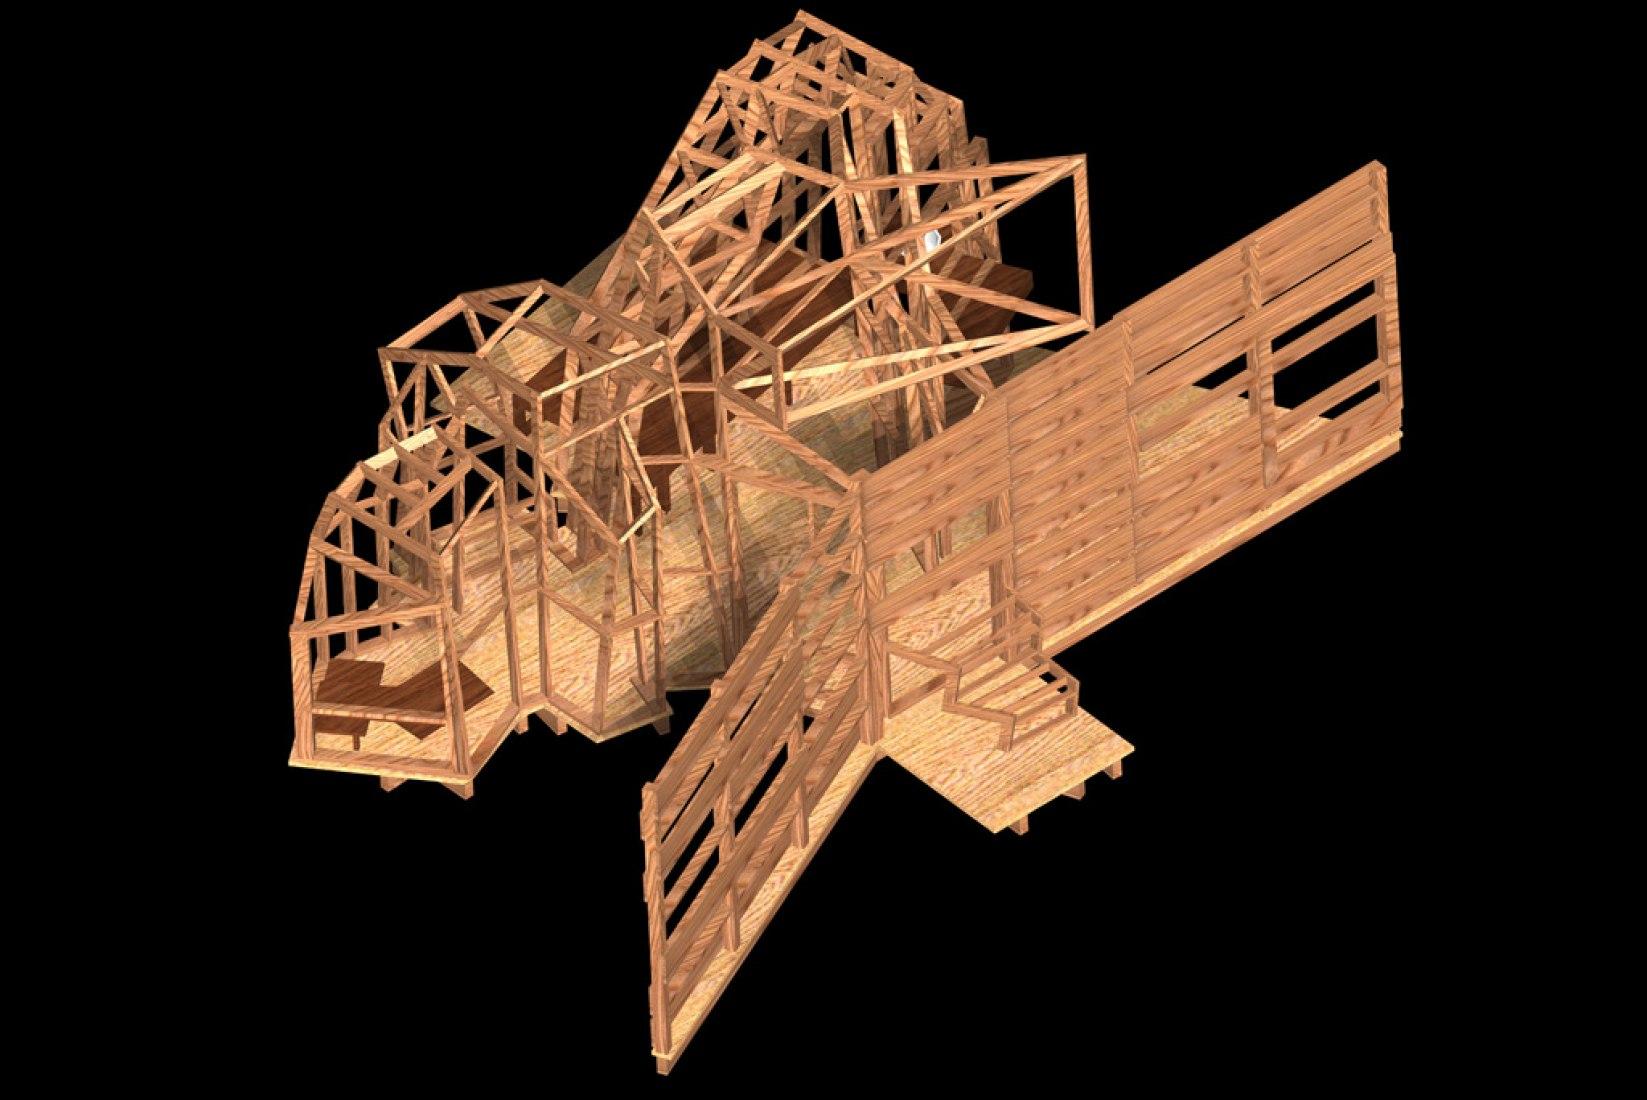 Maqueta. Casita para un Kolonihaven. EMBT, 1996. Cortesía de EMBT.